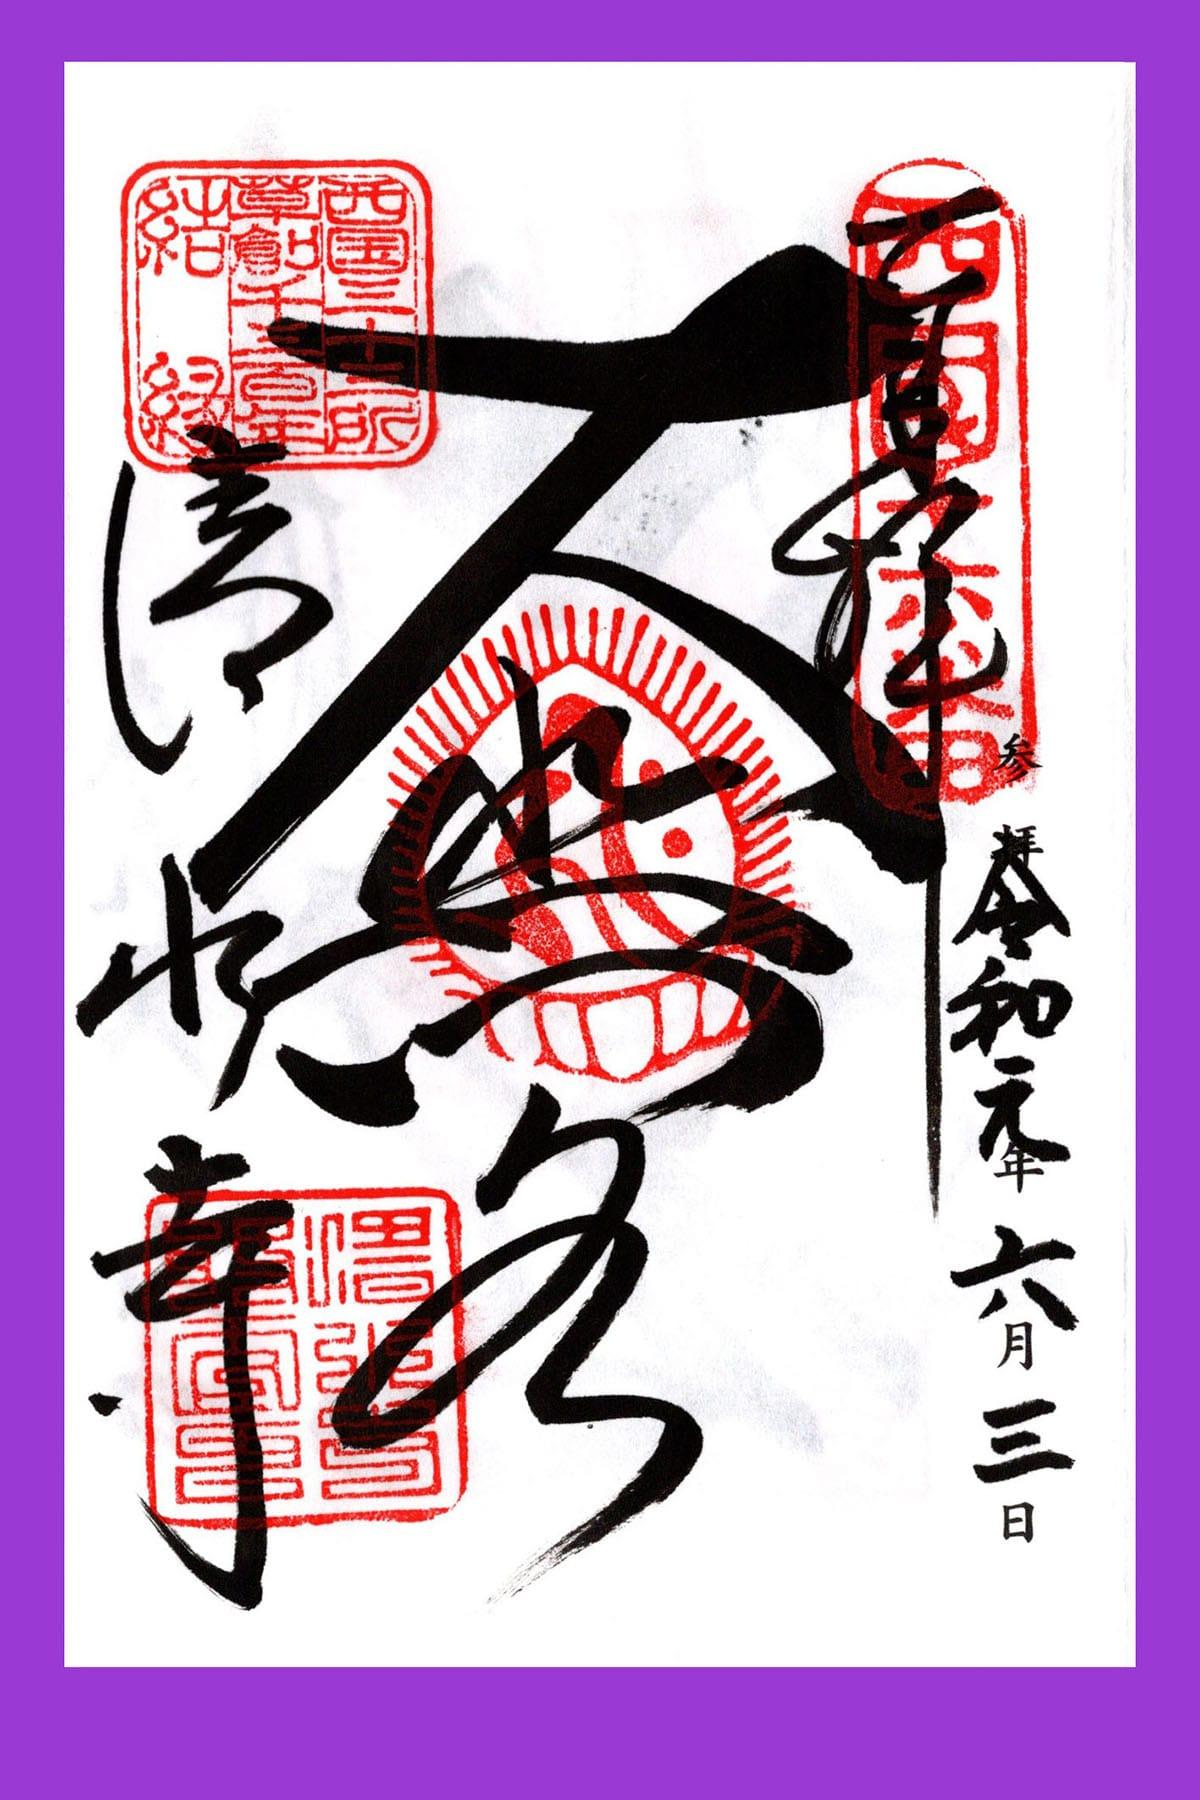 西国札所 第16番【音羽山・清水寺】 | フォトさいたま